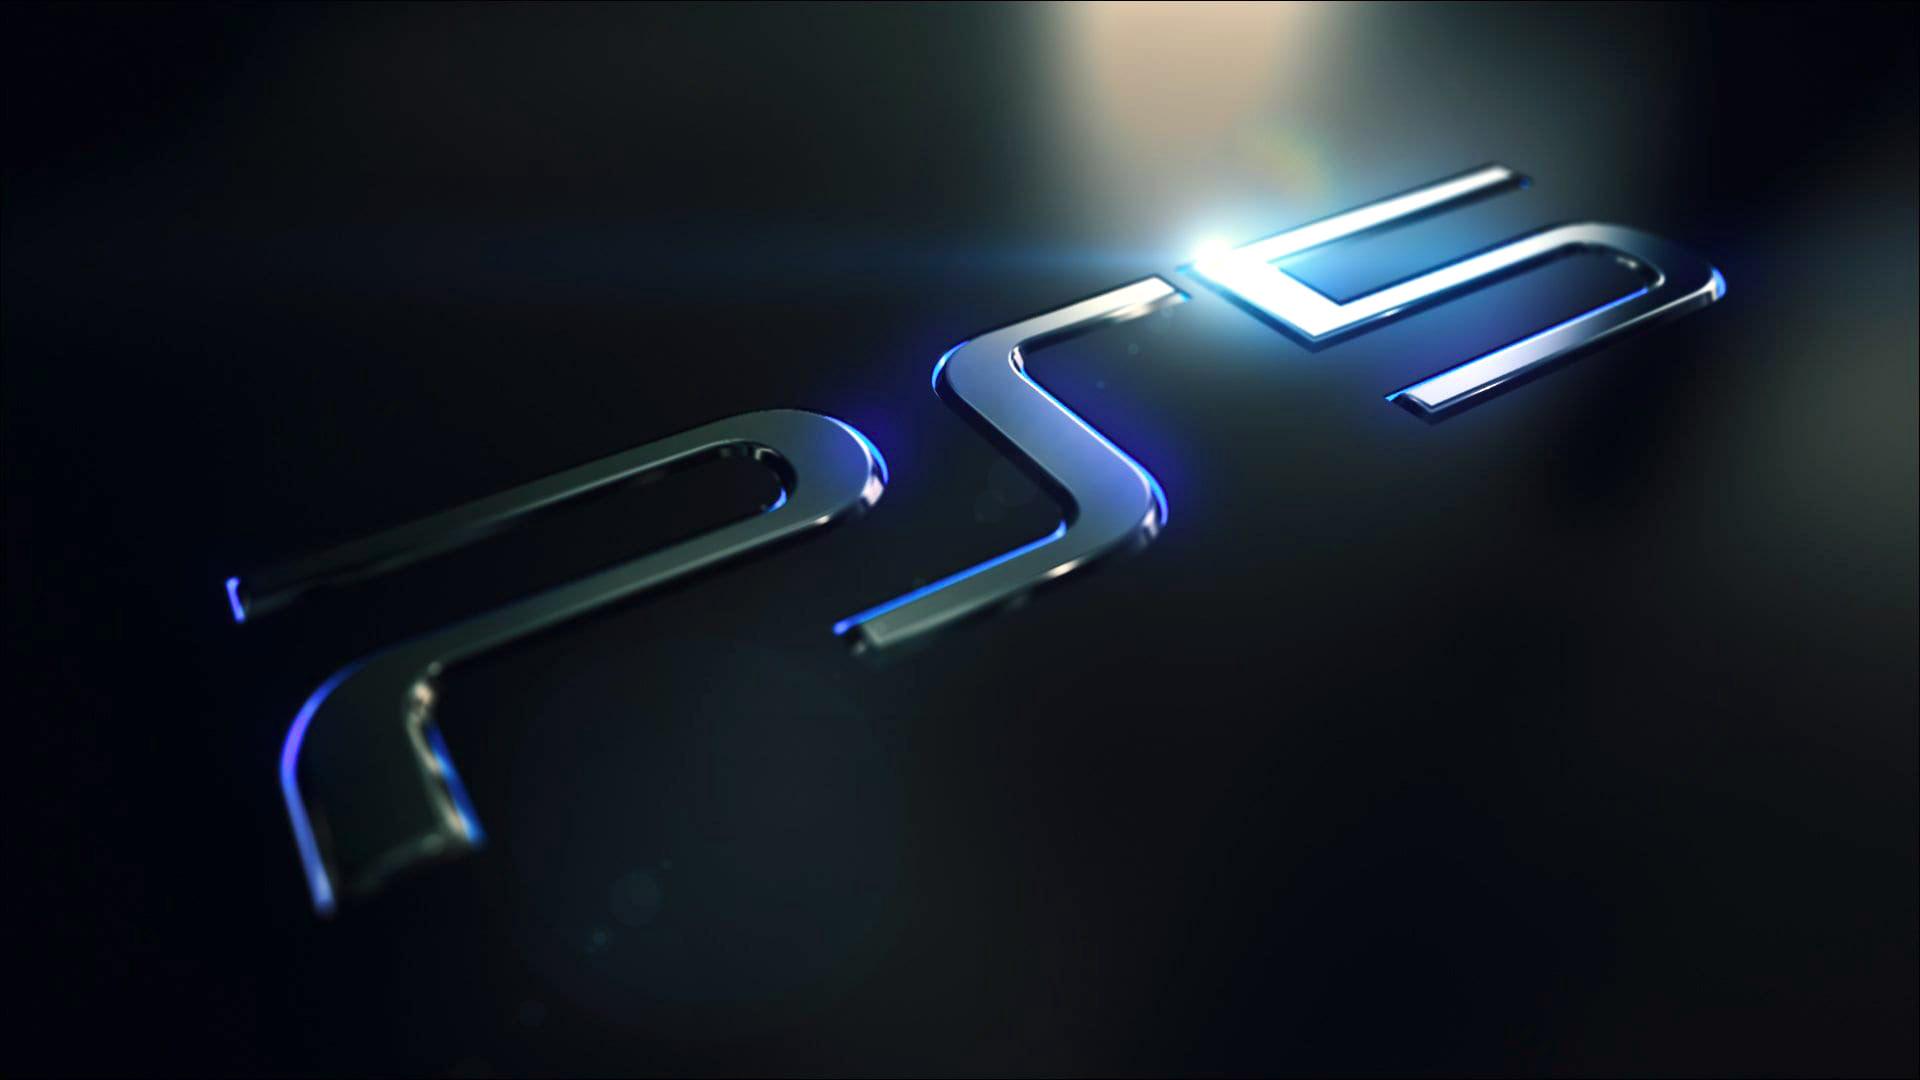 Playstation 5 bude obsahovat GPU na nové architektuře RDNA